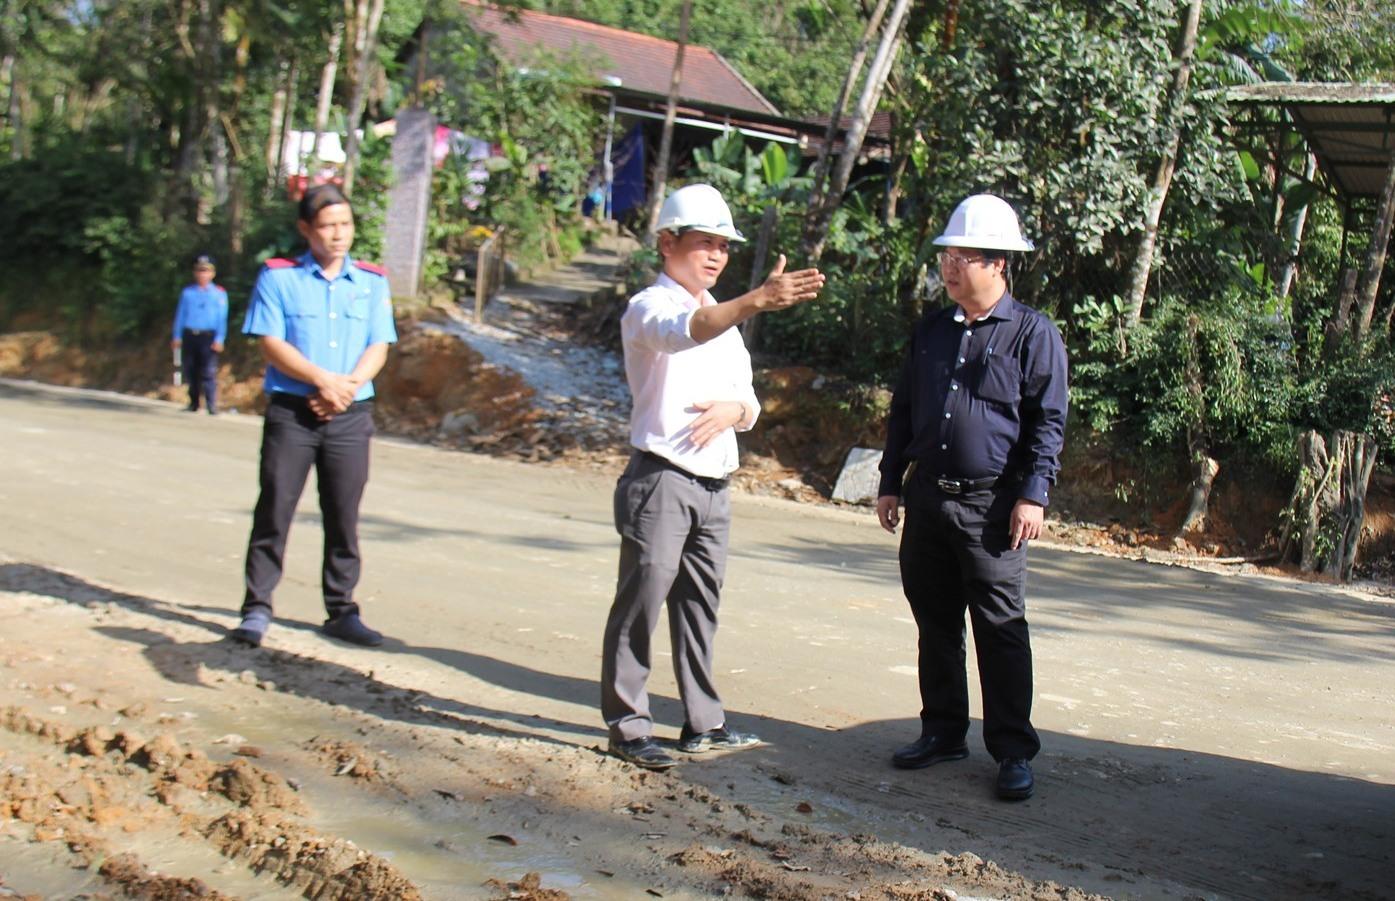 Ông Văn Anh Tuấn - Giám đốc Sở Giao thông vận tải tỉnh (áo đen) kiểm tra việc đảm bảo an toàn giao thông trên tuyến 40B. Ảnh: BÌNH AN